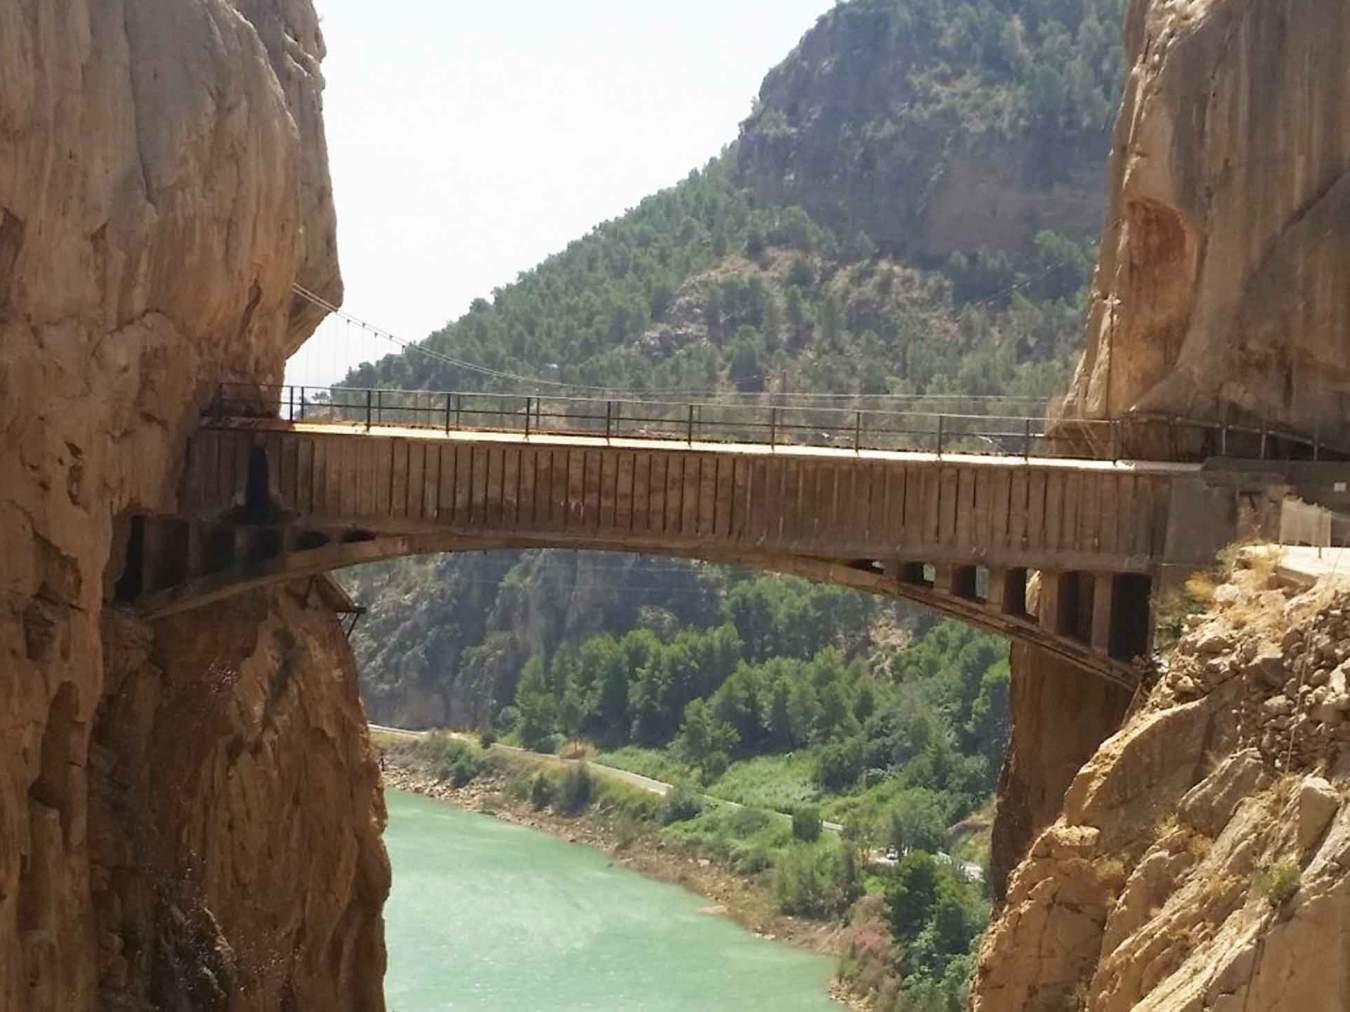 Close up of old bridge at Caminito del Rey